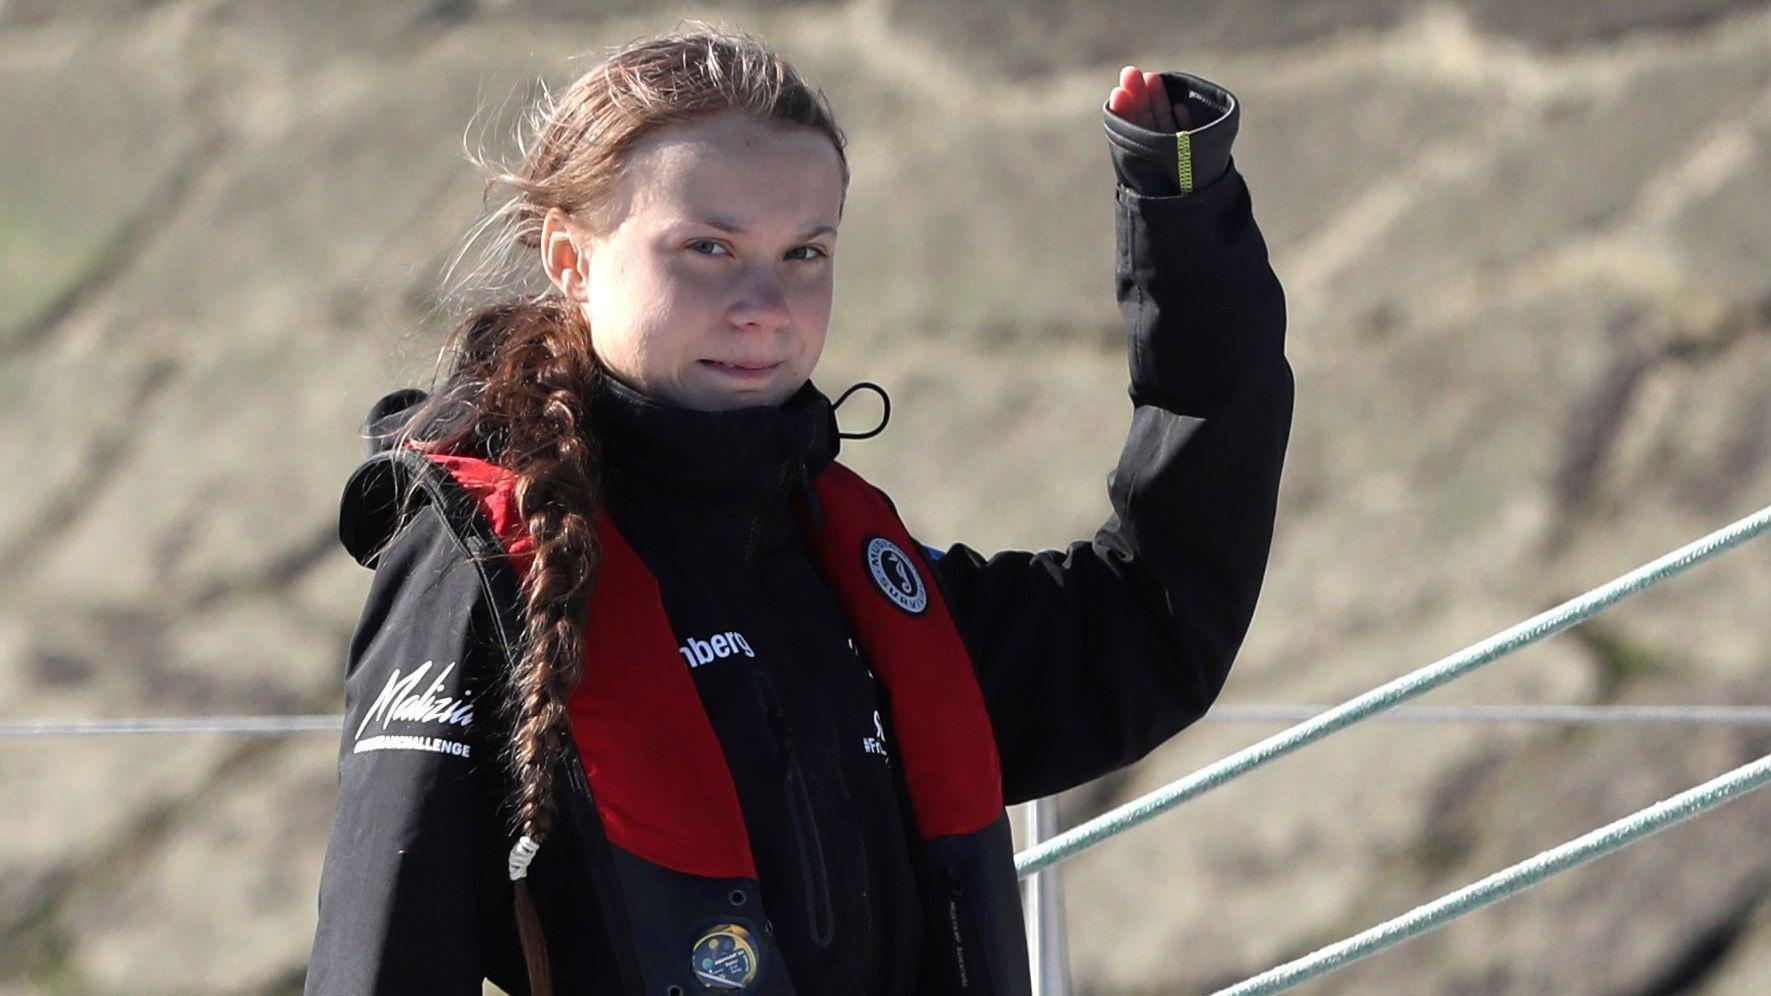 Greta Thunberg, Klimaaktivistin aus Schweden, winkt bei der Einfahrt in den Hafen.